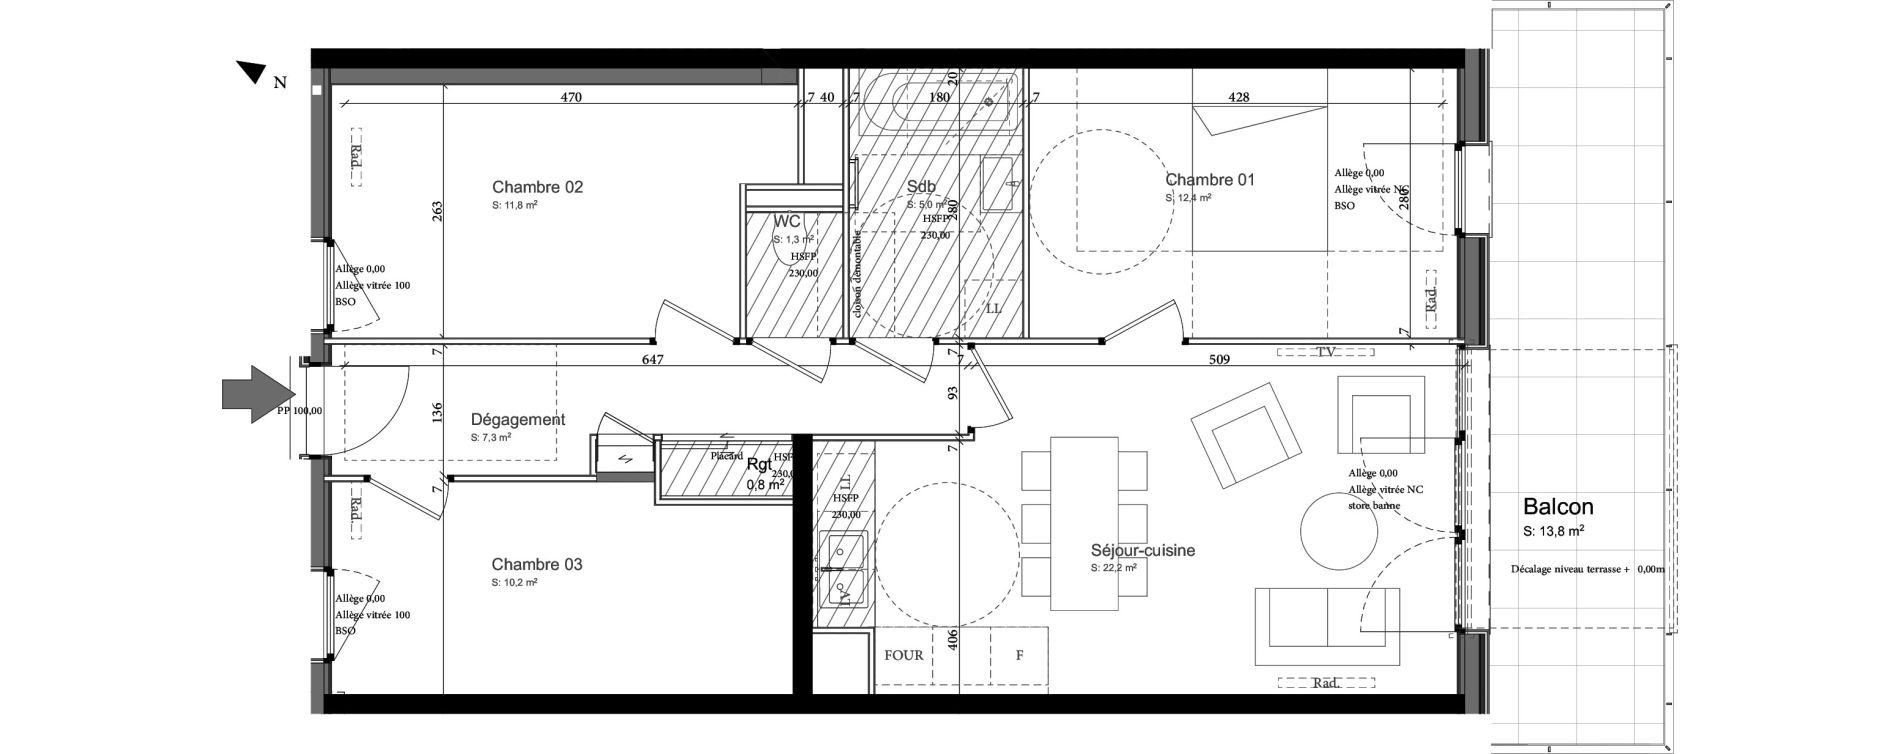 Appartement T4 de 69,50 m2 à Nancy Grand coeur